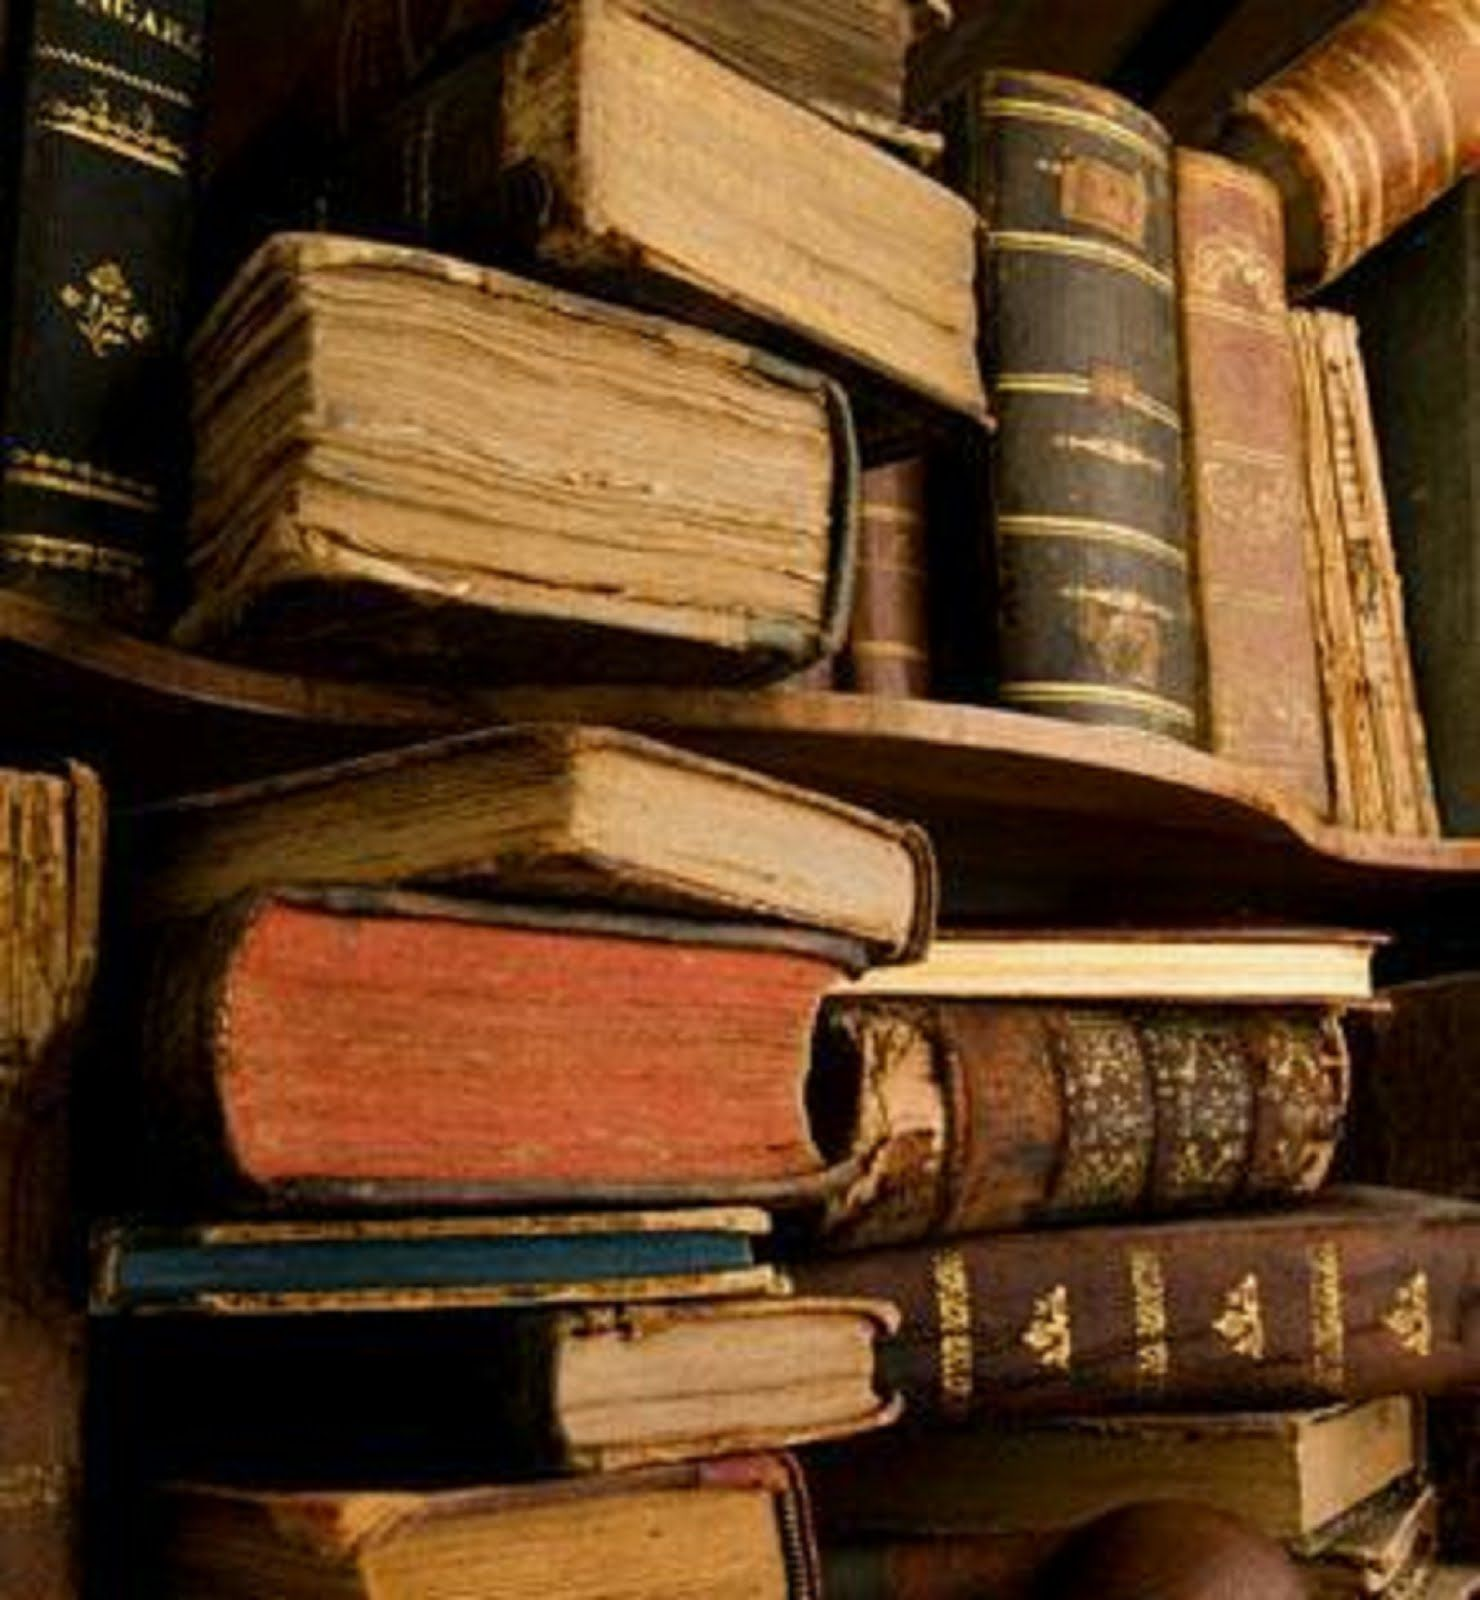 Old books stuffed into shelves...   Books   Pinterest